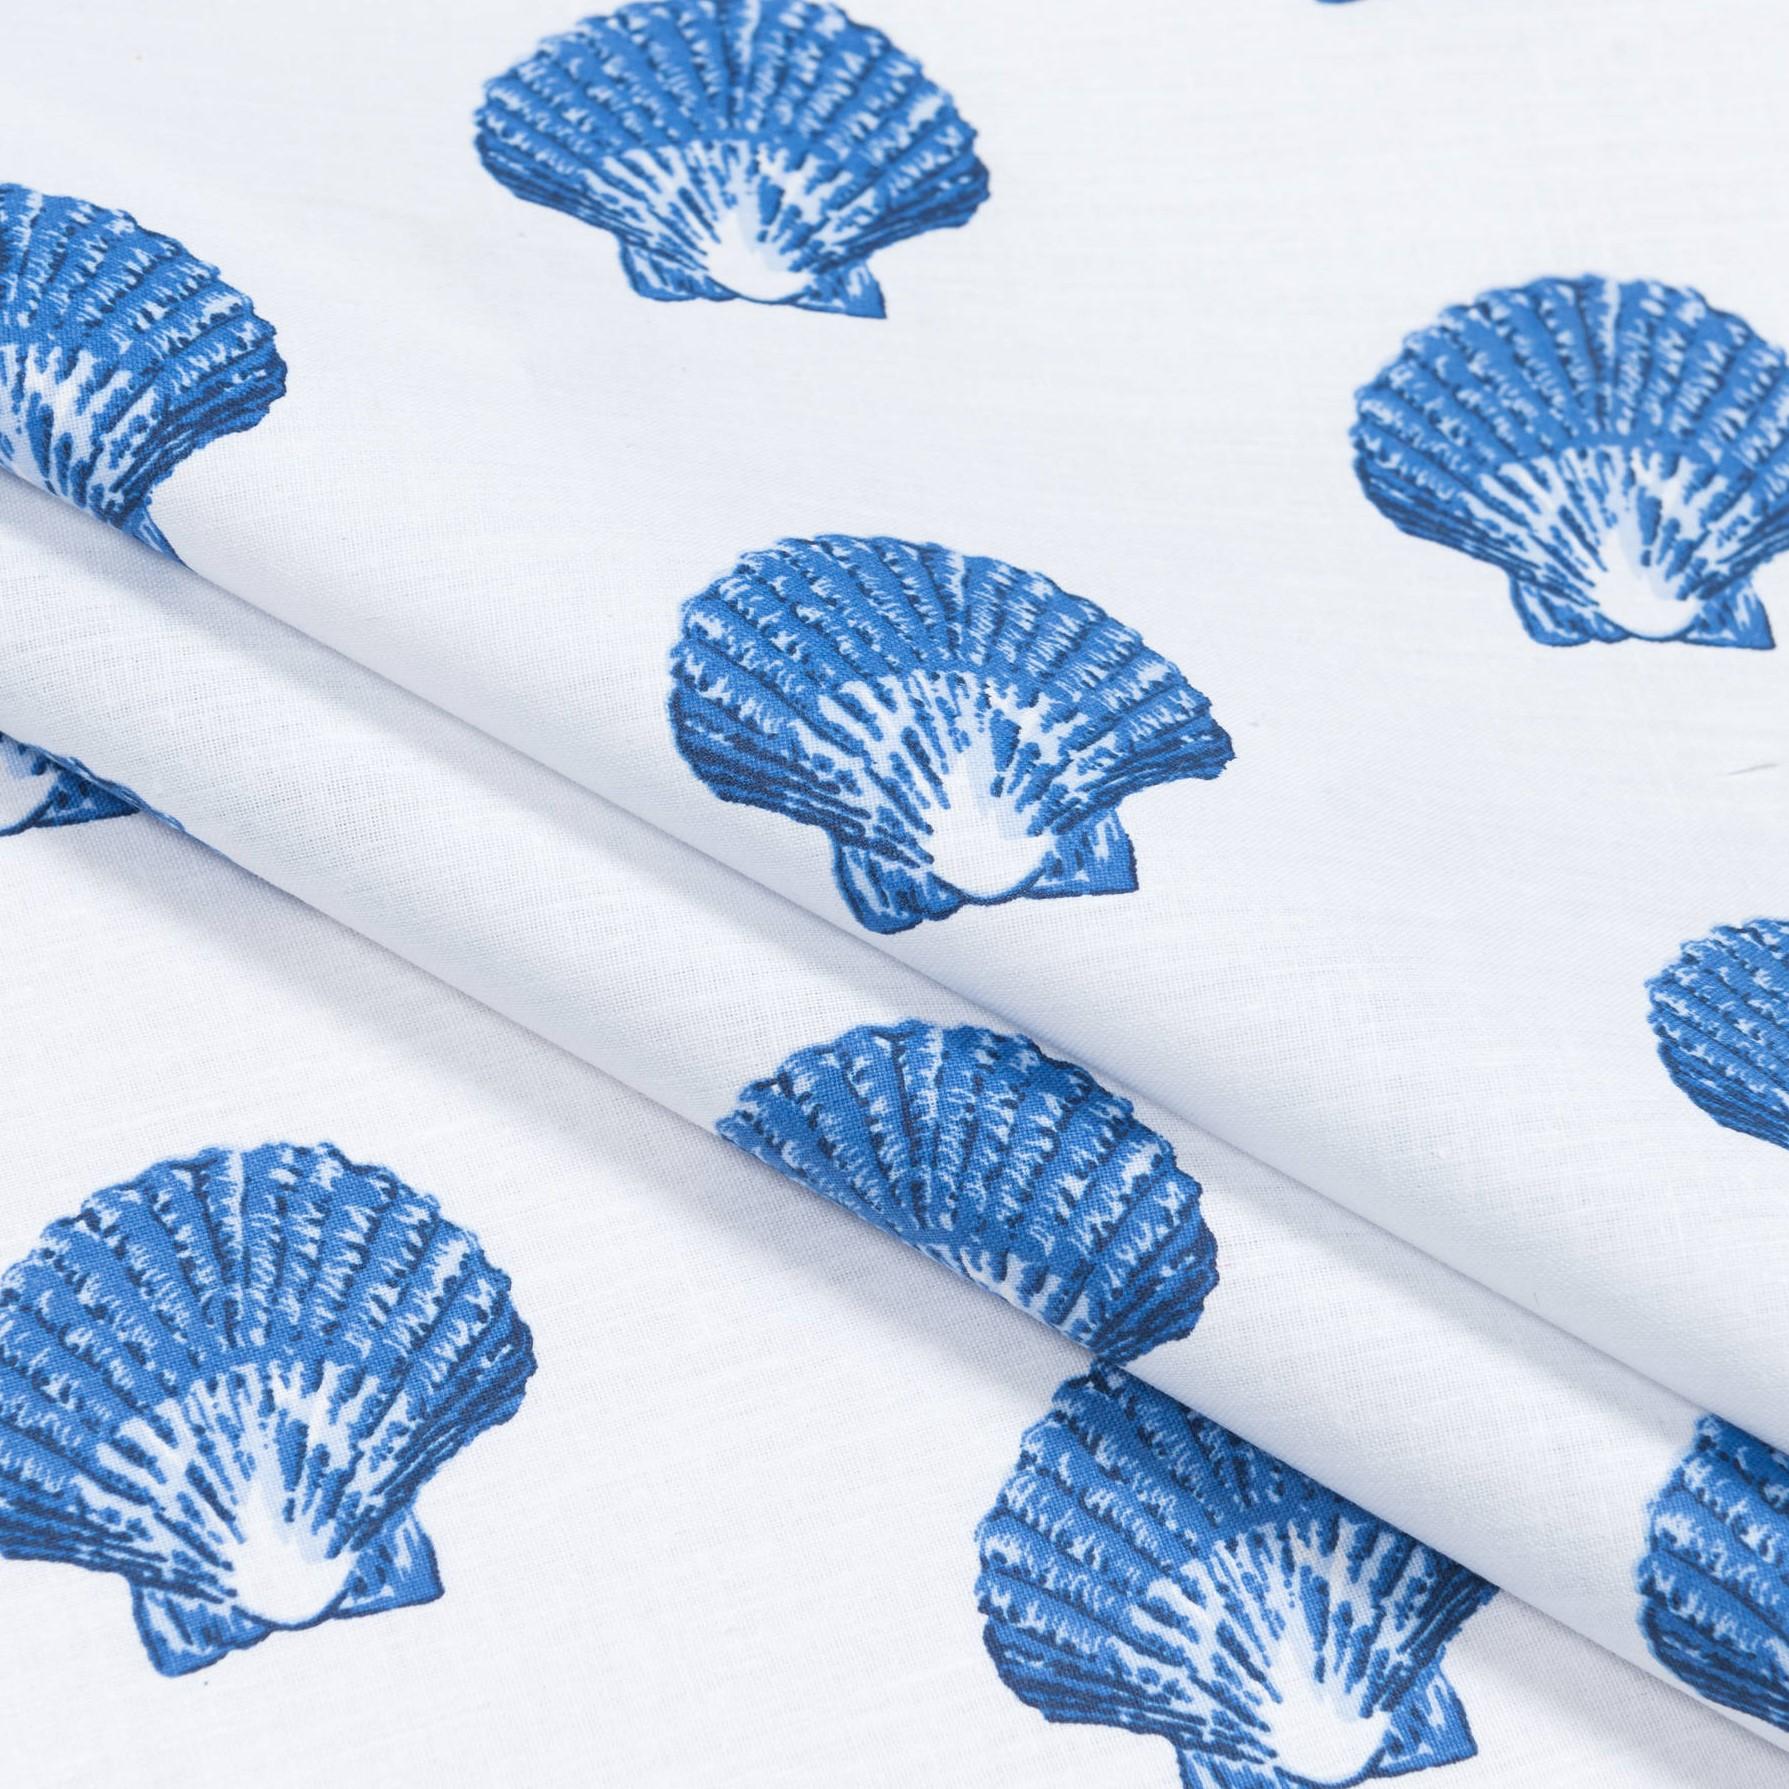 Бязь набивная голд Ракушки синие, размер 50х70 см, хлопок 52%, полиэстер 48%, плотность 120